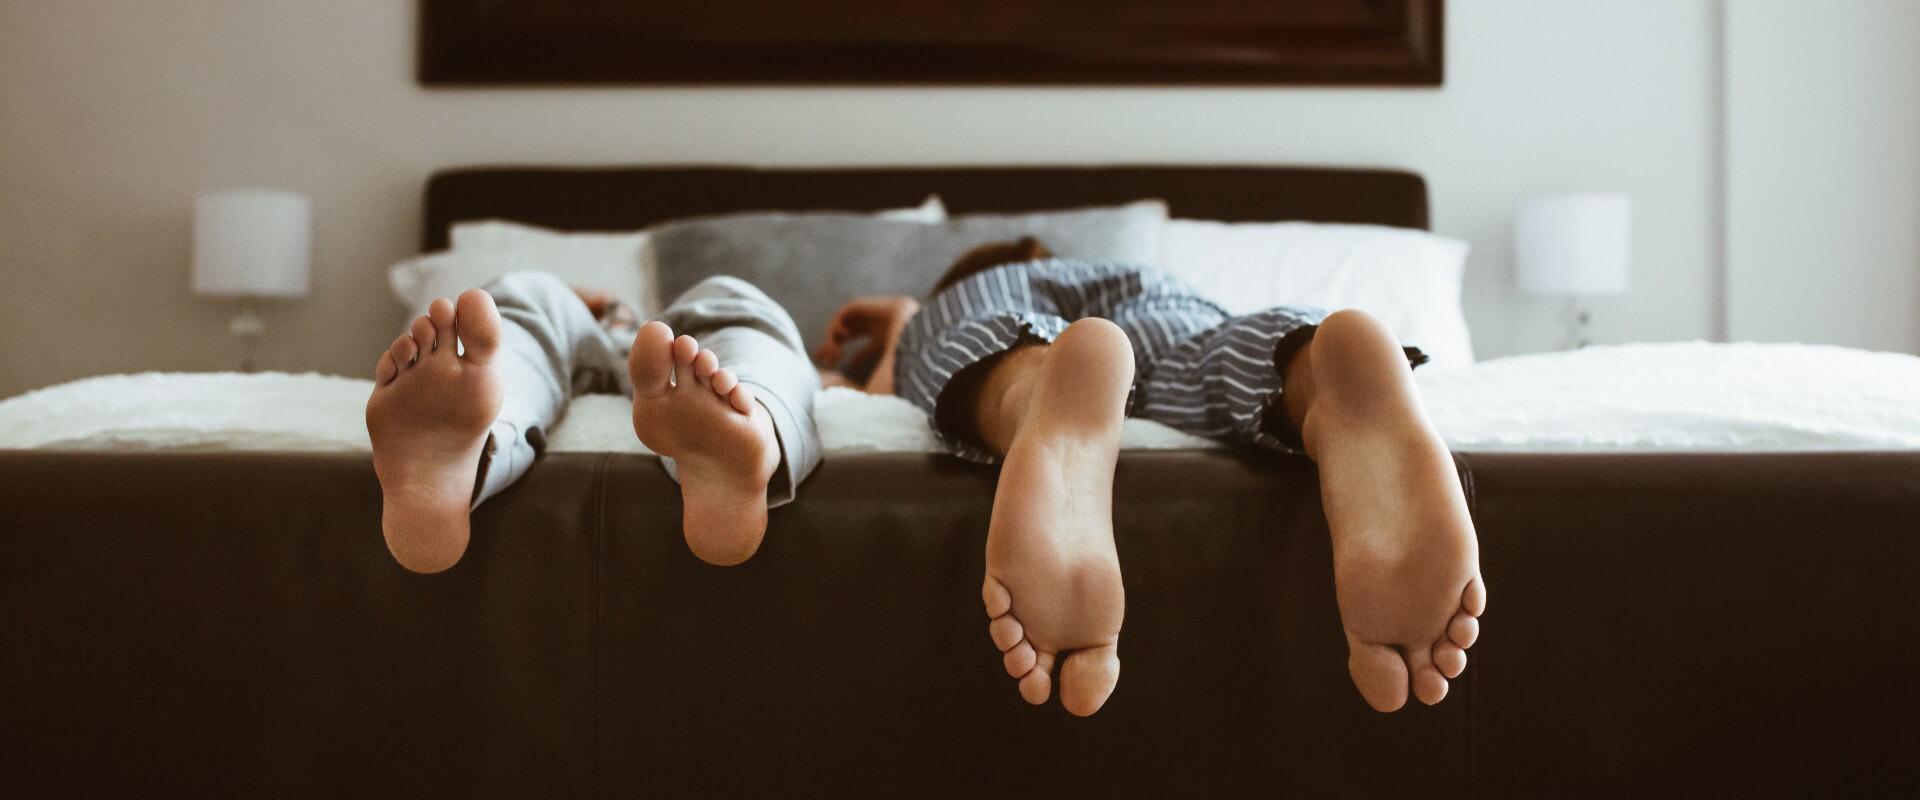 Beneficios y posiciones para dormir en pareja